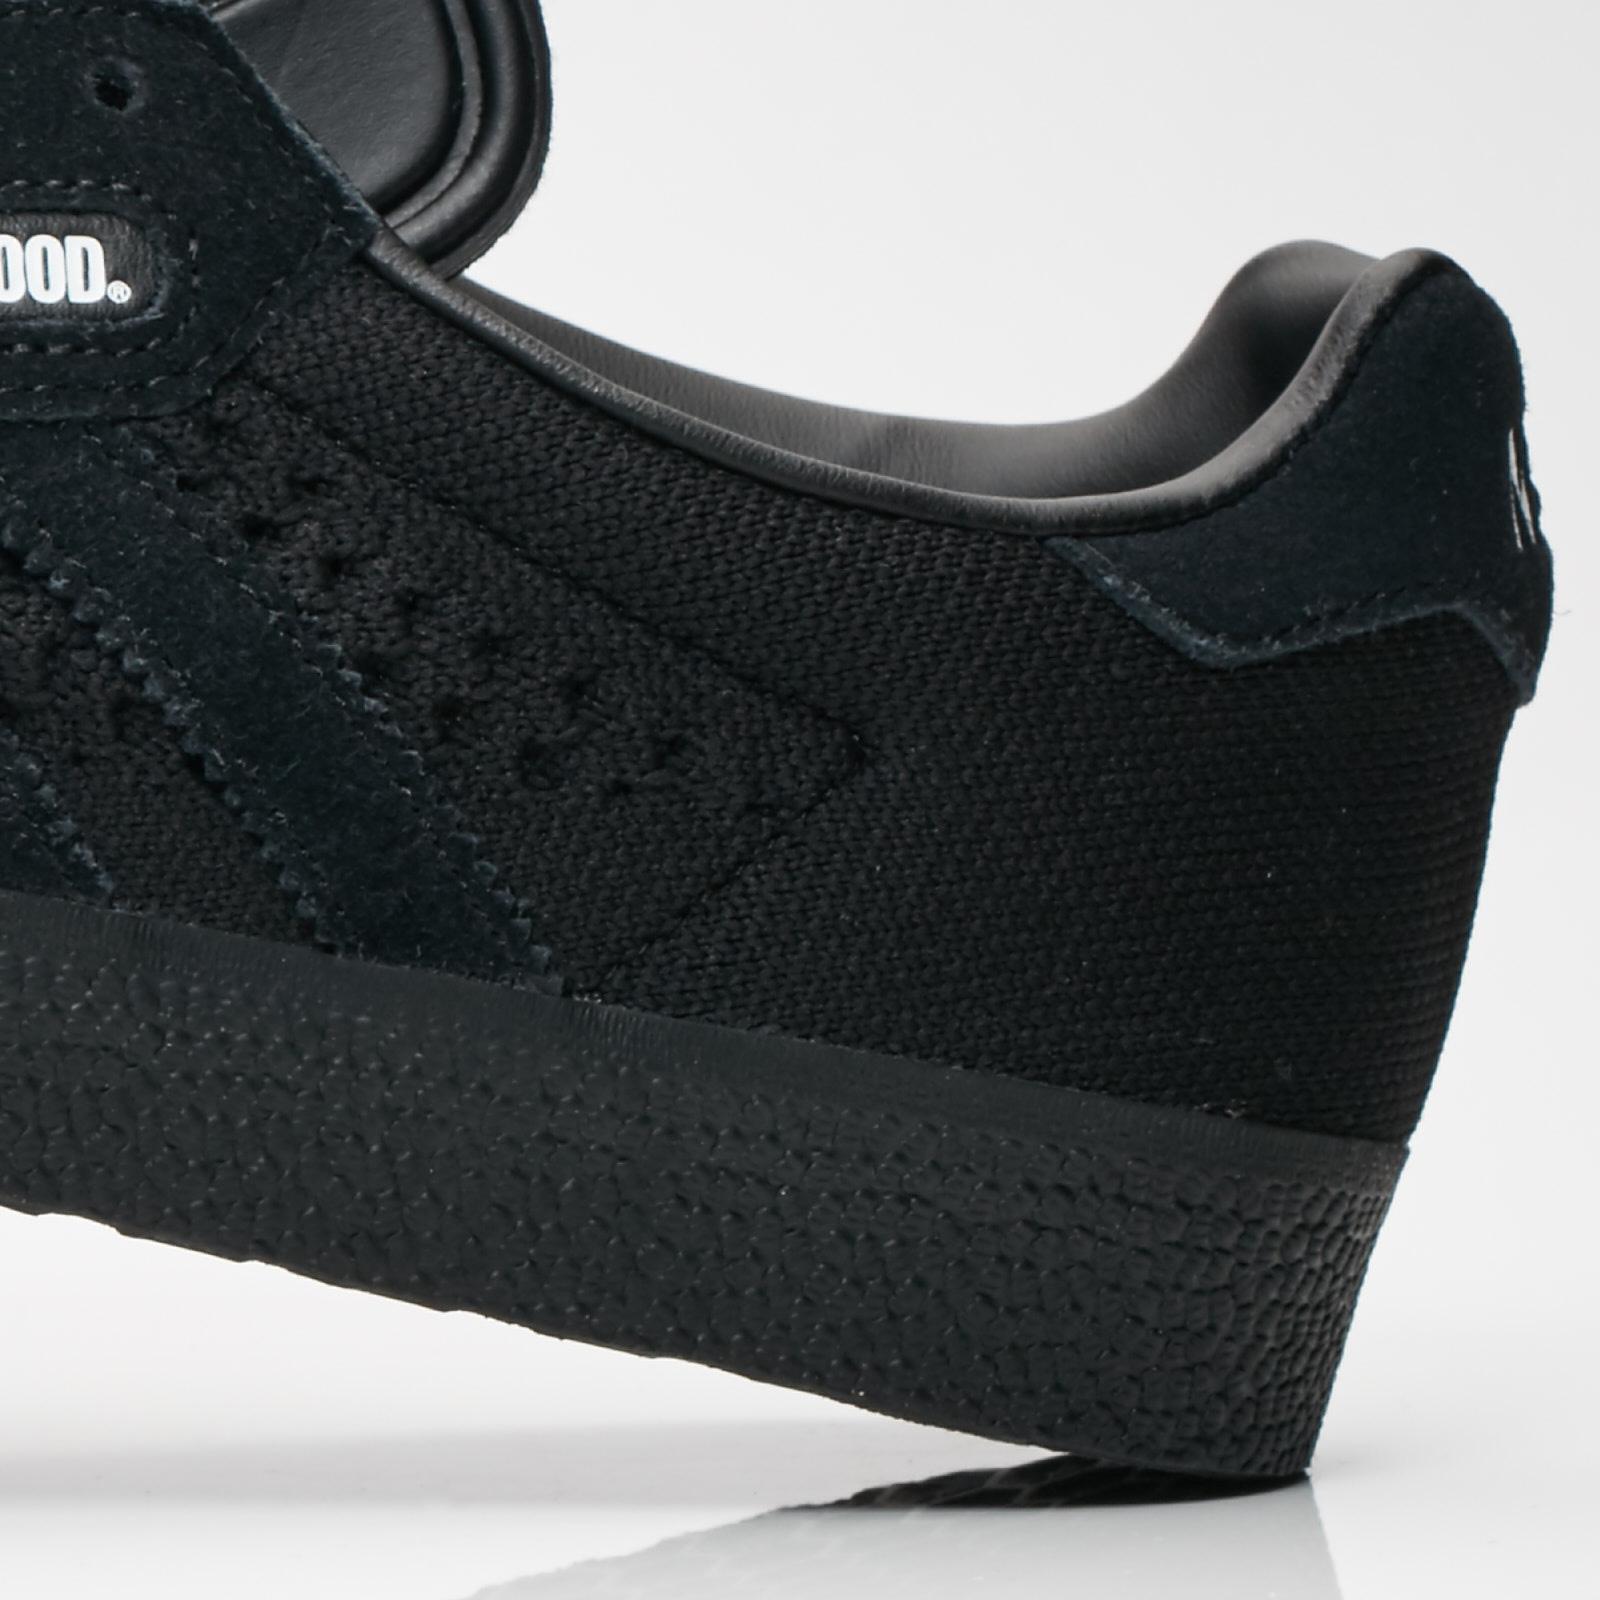 huge discount 2ac39 9f5e5 ... adidas Originals Gazelle Super x Neighborhood